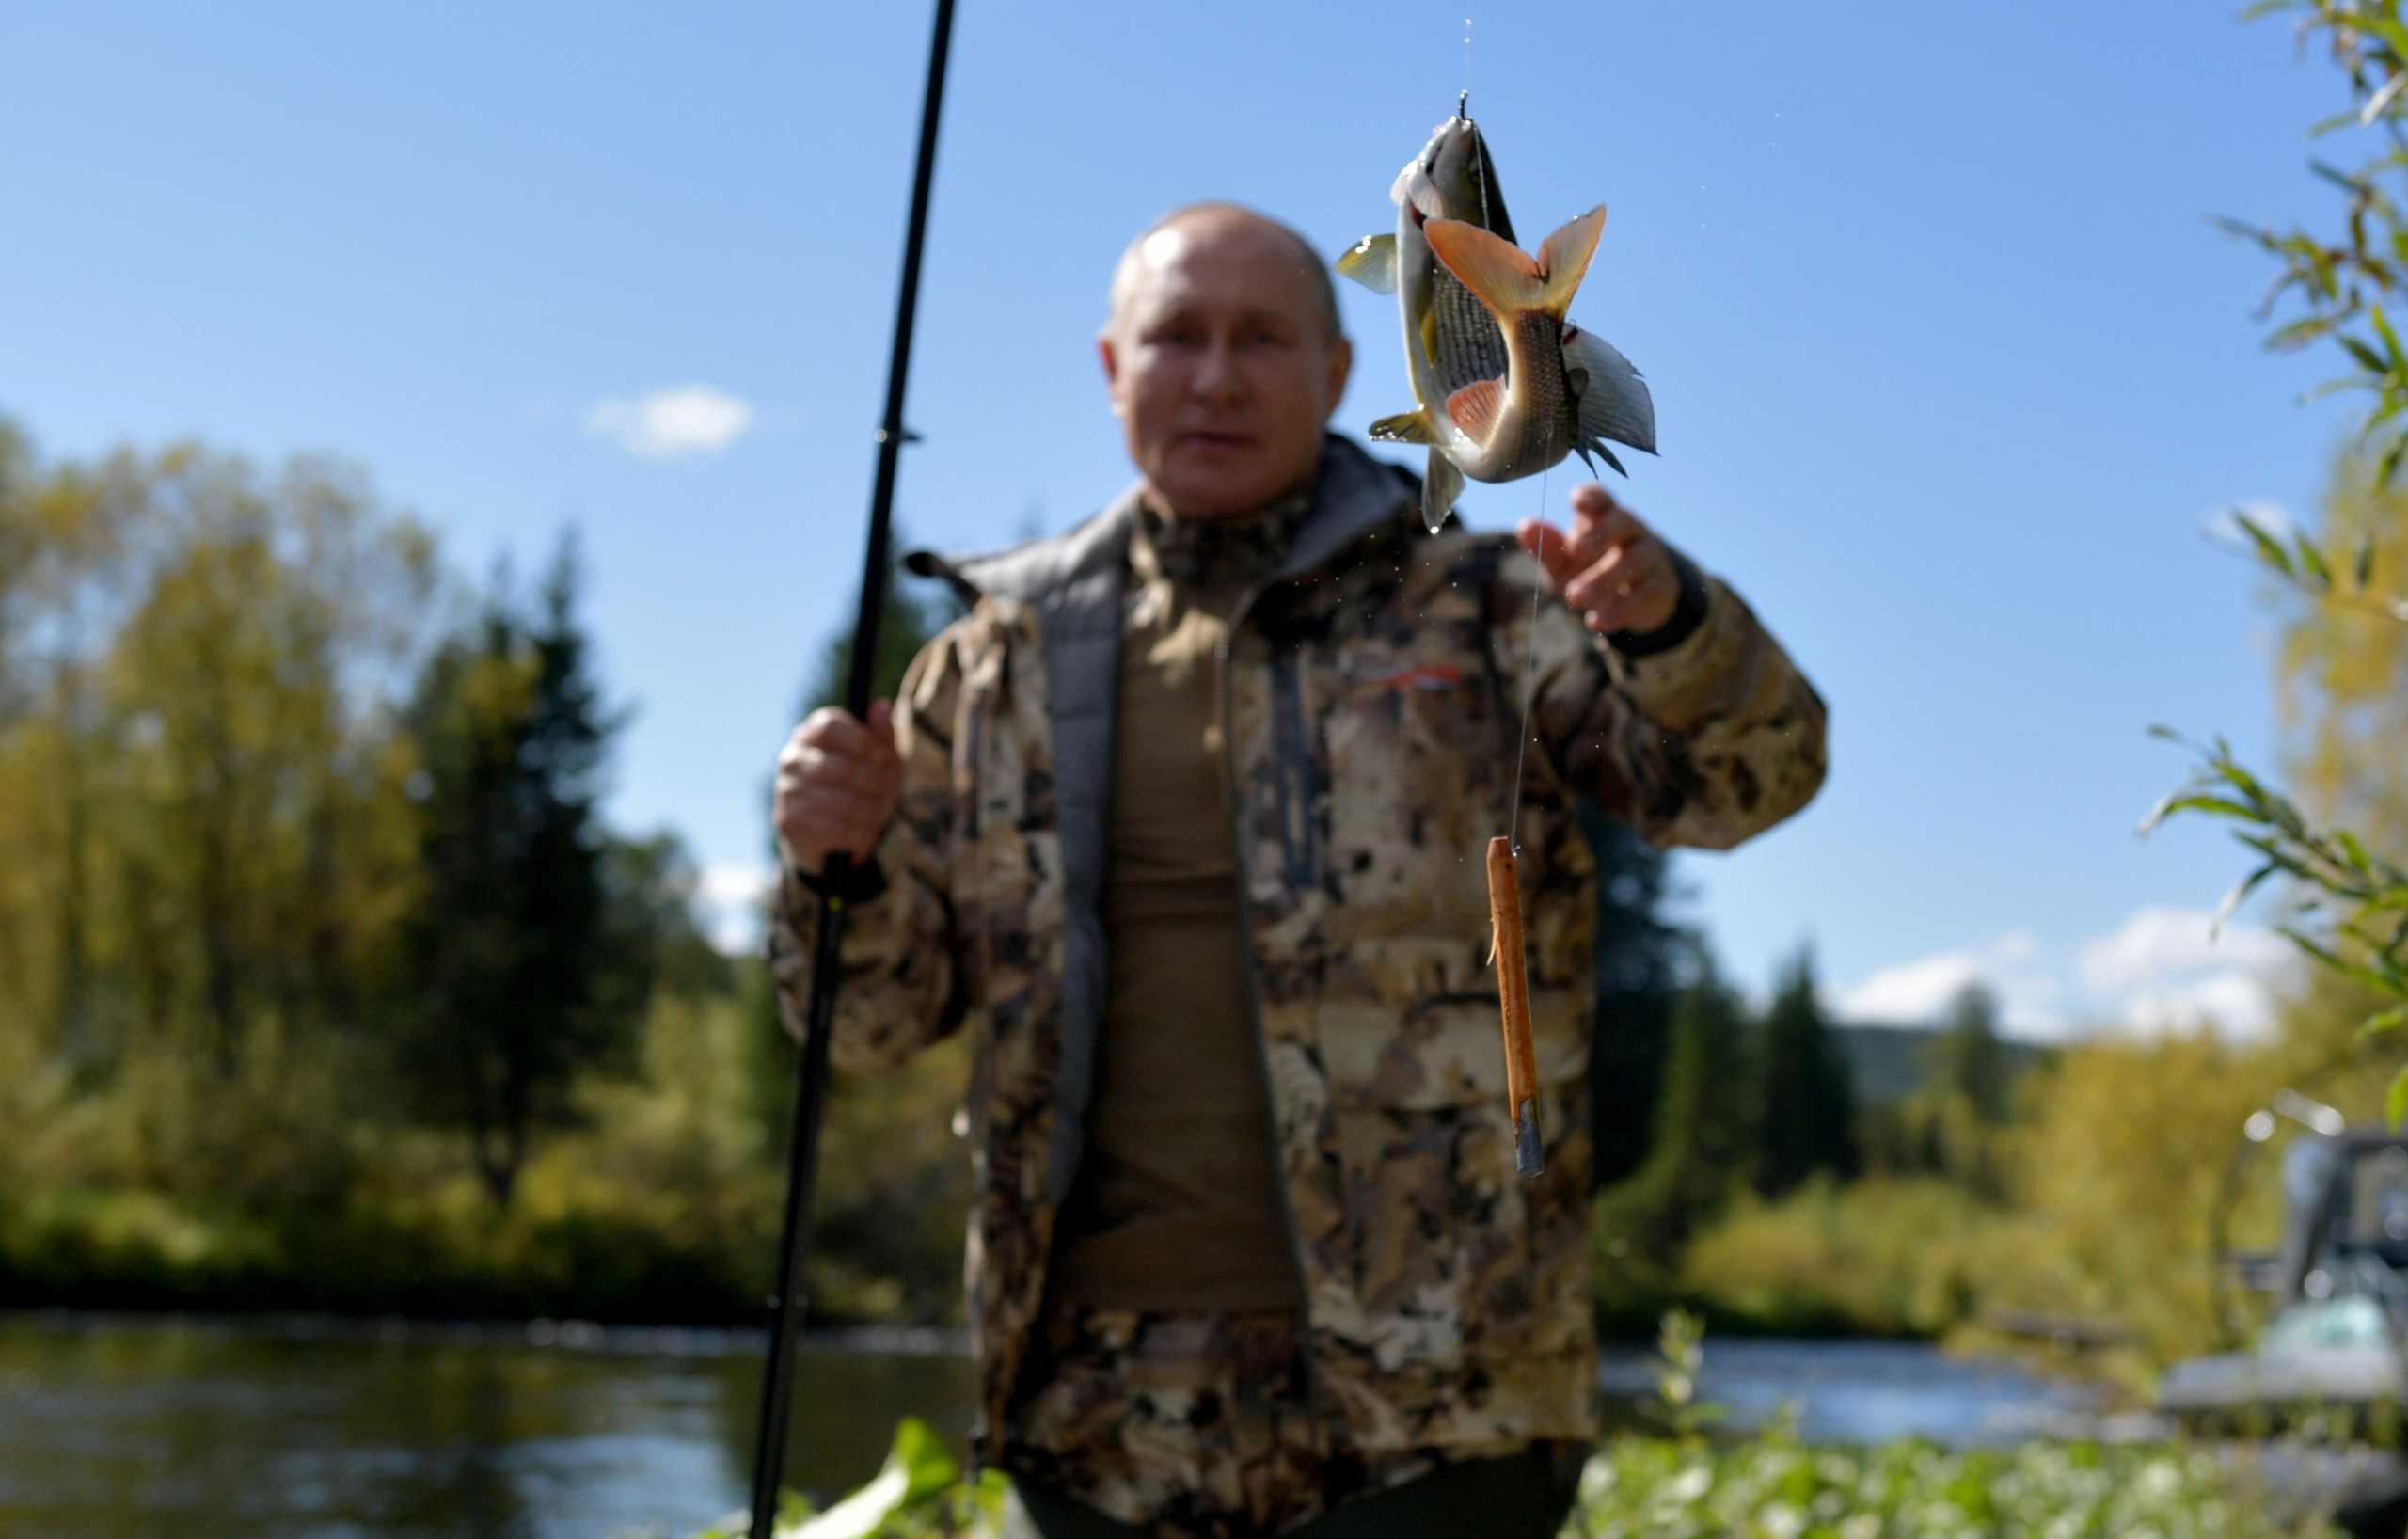 Βλαντιμίρ Πούτιν: Στη Σιβηρία για ψάρεμα ο πρόεδρος της Ρωσίας